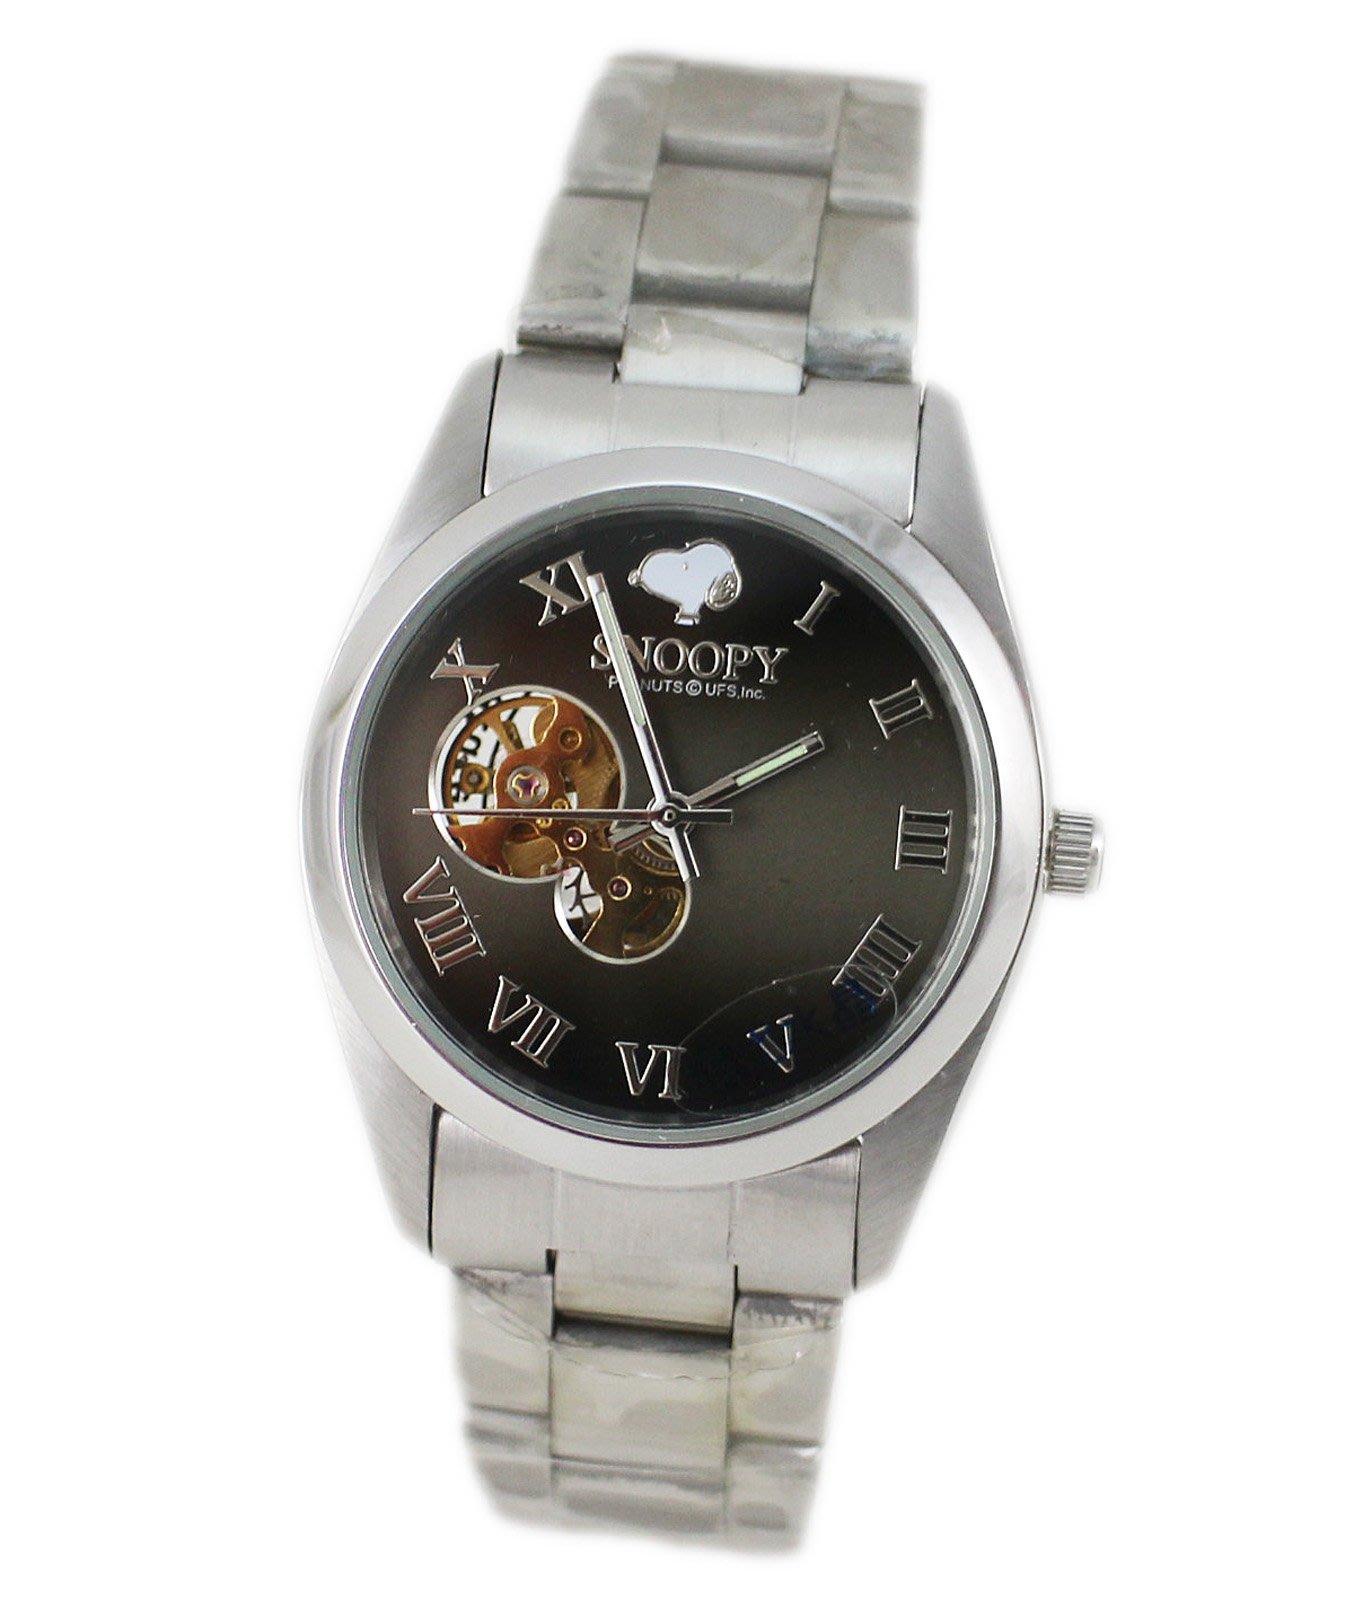 【卡漫迷】限量 史奴比 機械 手錶 ㊣版 史努比 男錶 女錶 Snoopy 不鏽鋼 強化水晶鏡面 五折特價2490元